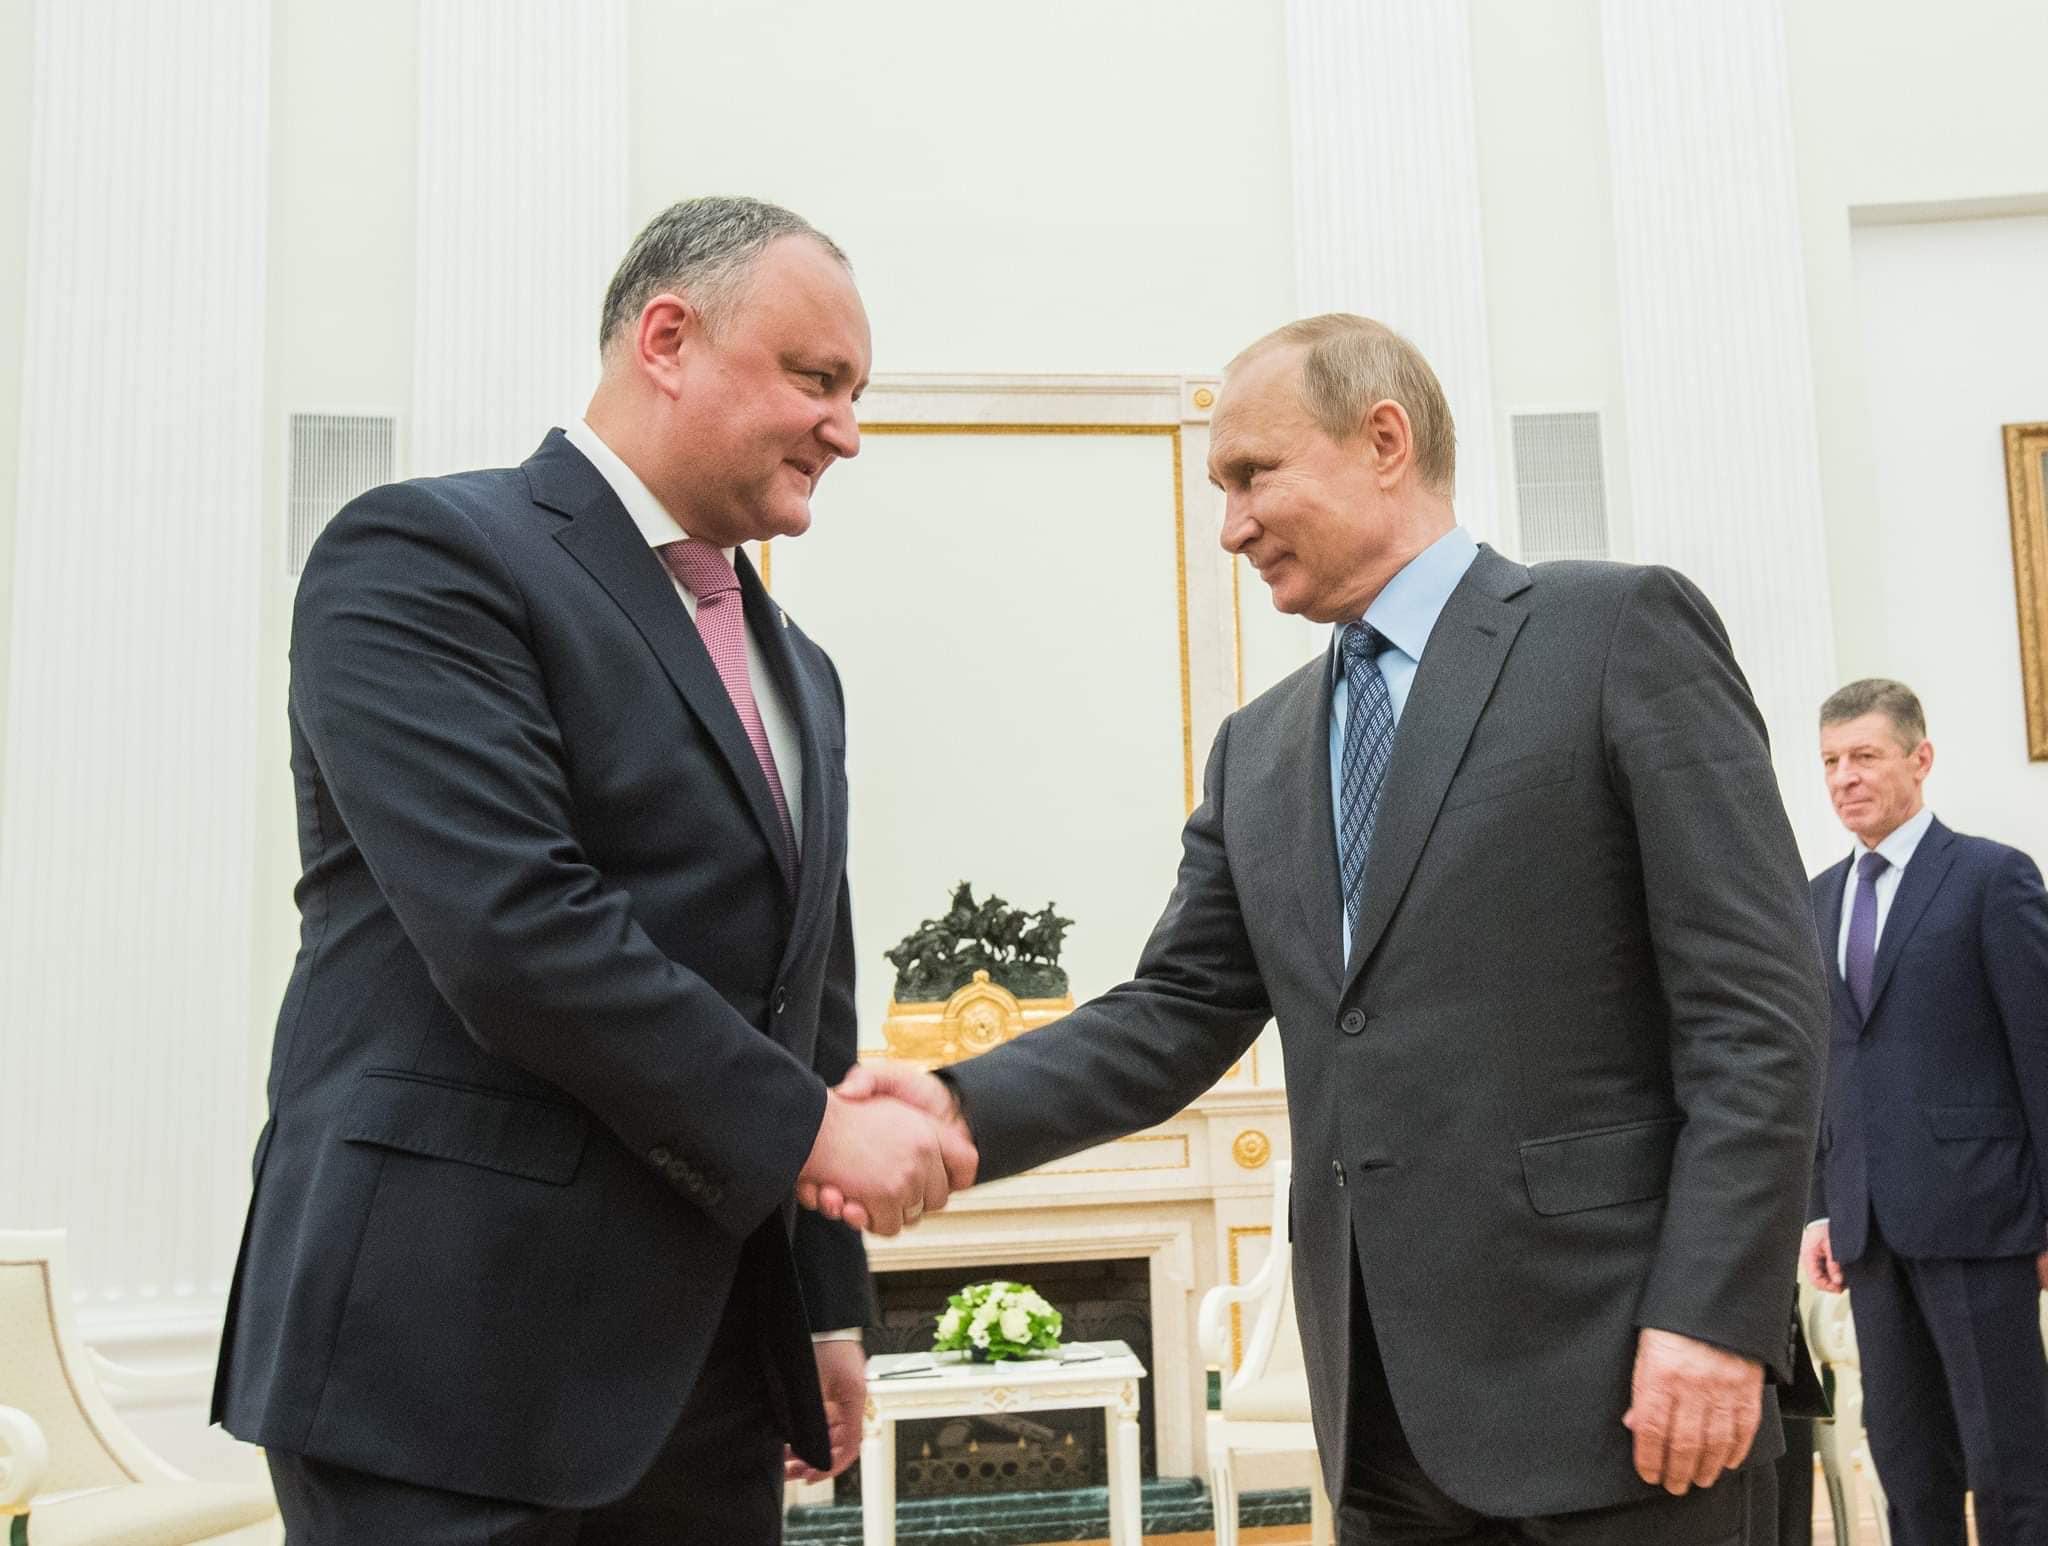 Додон: Результаты прошедшего в России голосования – яркое свидетельство широкой поддержки деятельности Путина